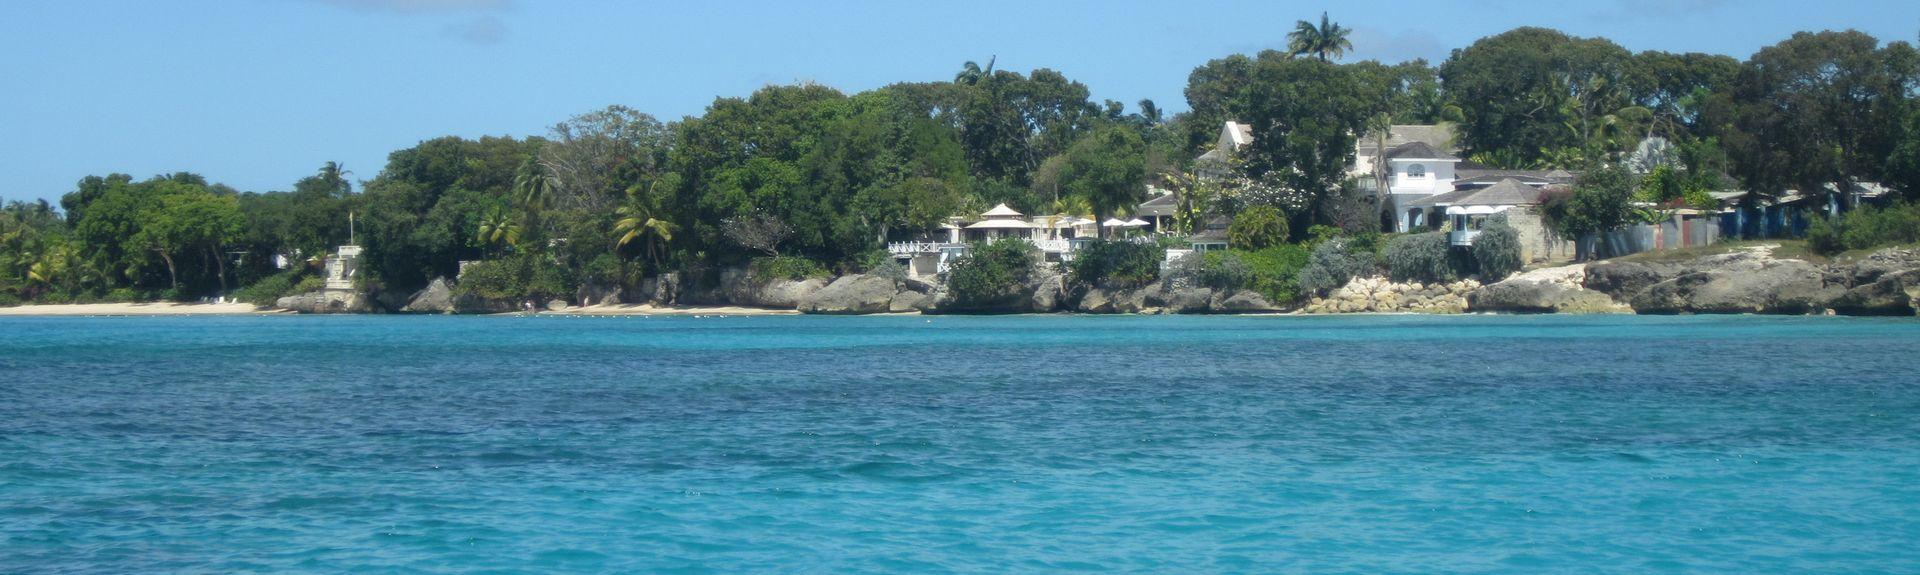 Forest Hills, Saint James, Barbados